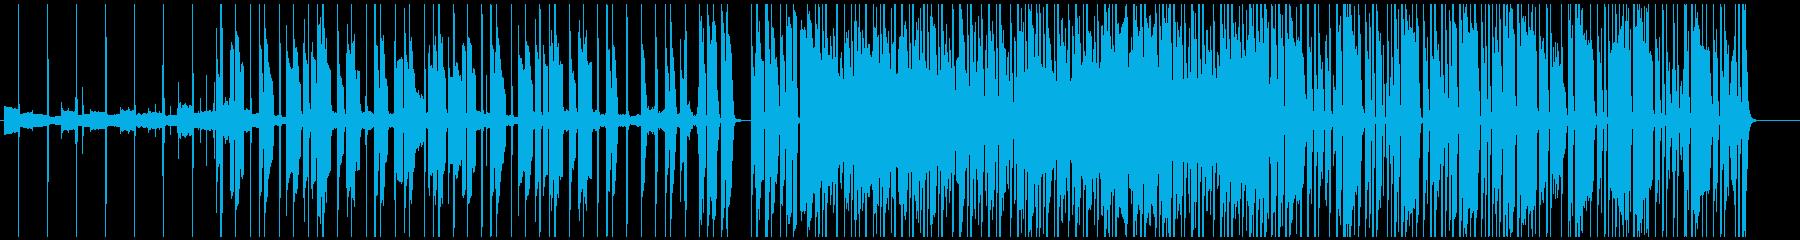 ポップ ロック フュージョン ジャ...の再生済みの波形